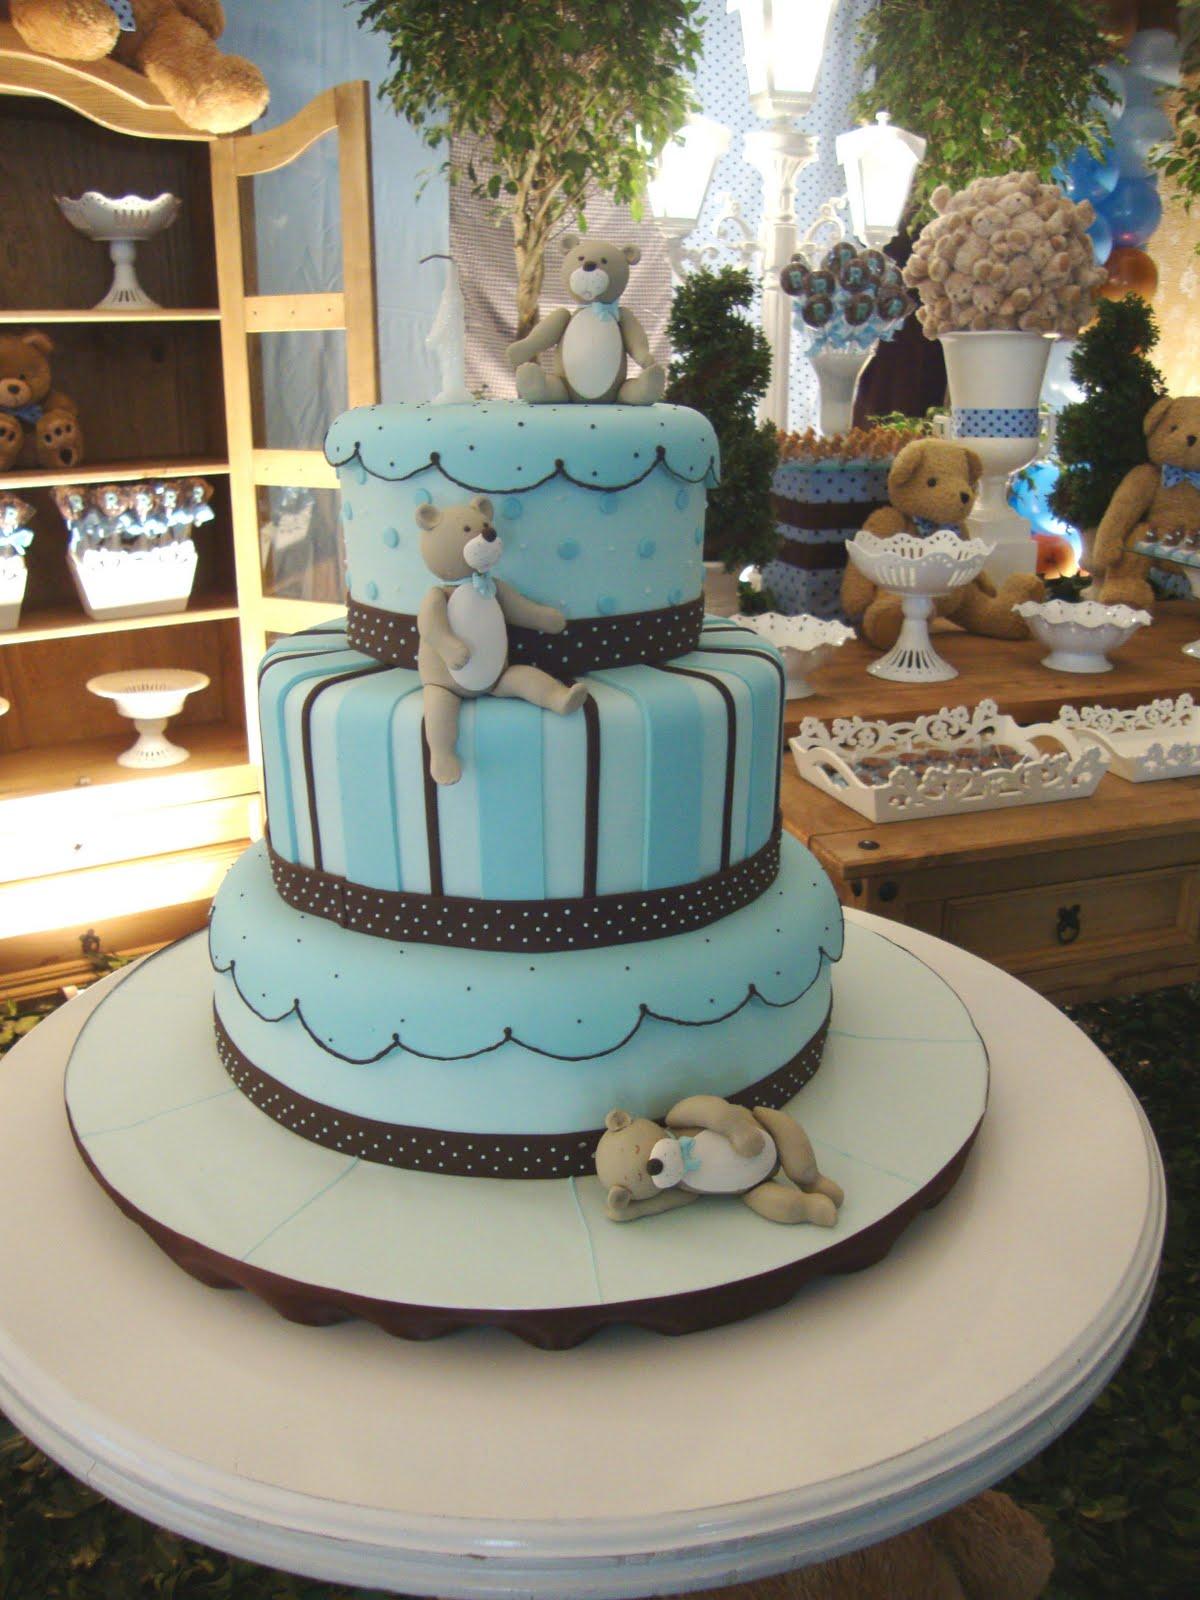 decoracao festa urso azul e marrom:HAPPY FEST: URSOS EM MARROM E AZUL – BEARS BLUE & BROWN